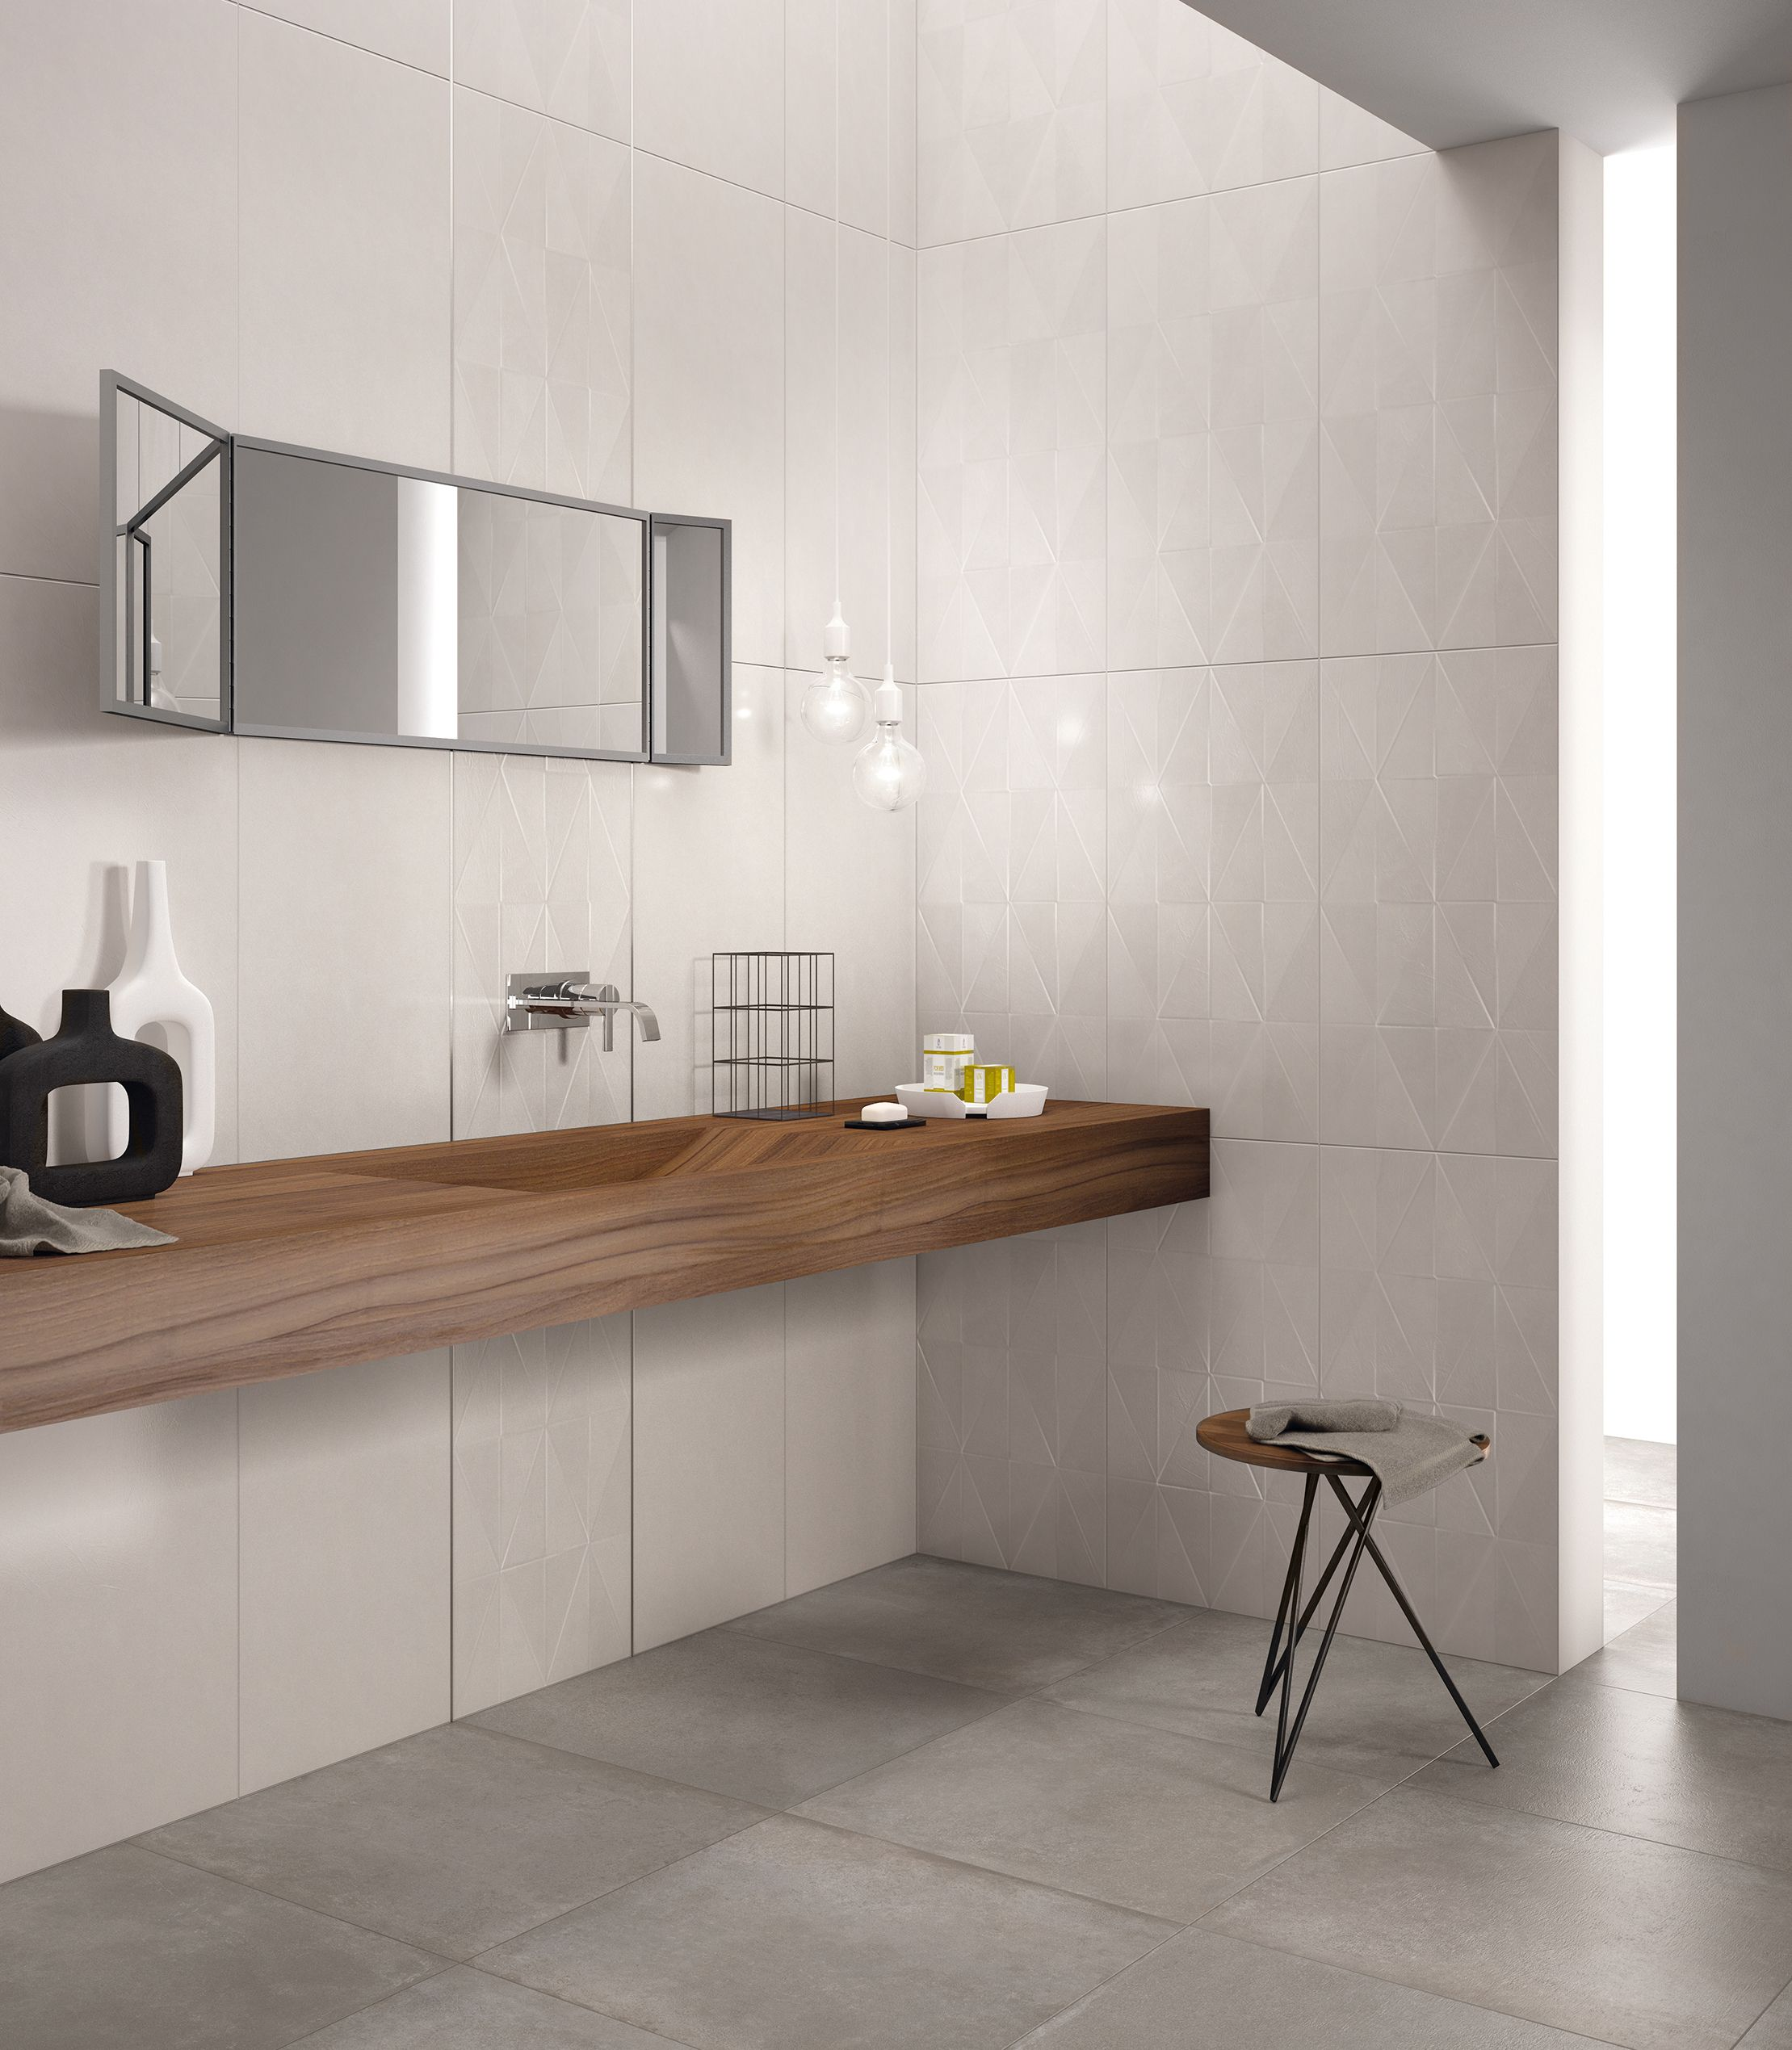 Questo bagno è stata realizzato con il colore Pearl Strutturato della nostra collezione da rivestimento Visual Design.  http://www.supergres.com/your-home/rivestimenti/item/925-visual  #Bathroom #RivestimentoBagni #WallTiles #CeramisOfItaly